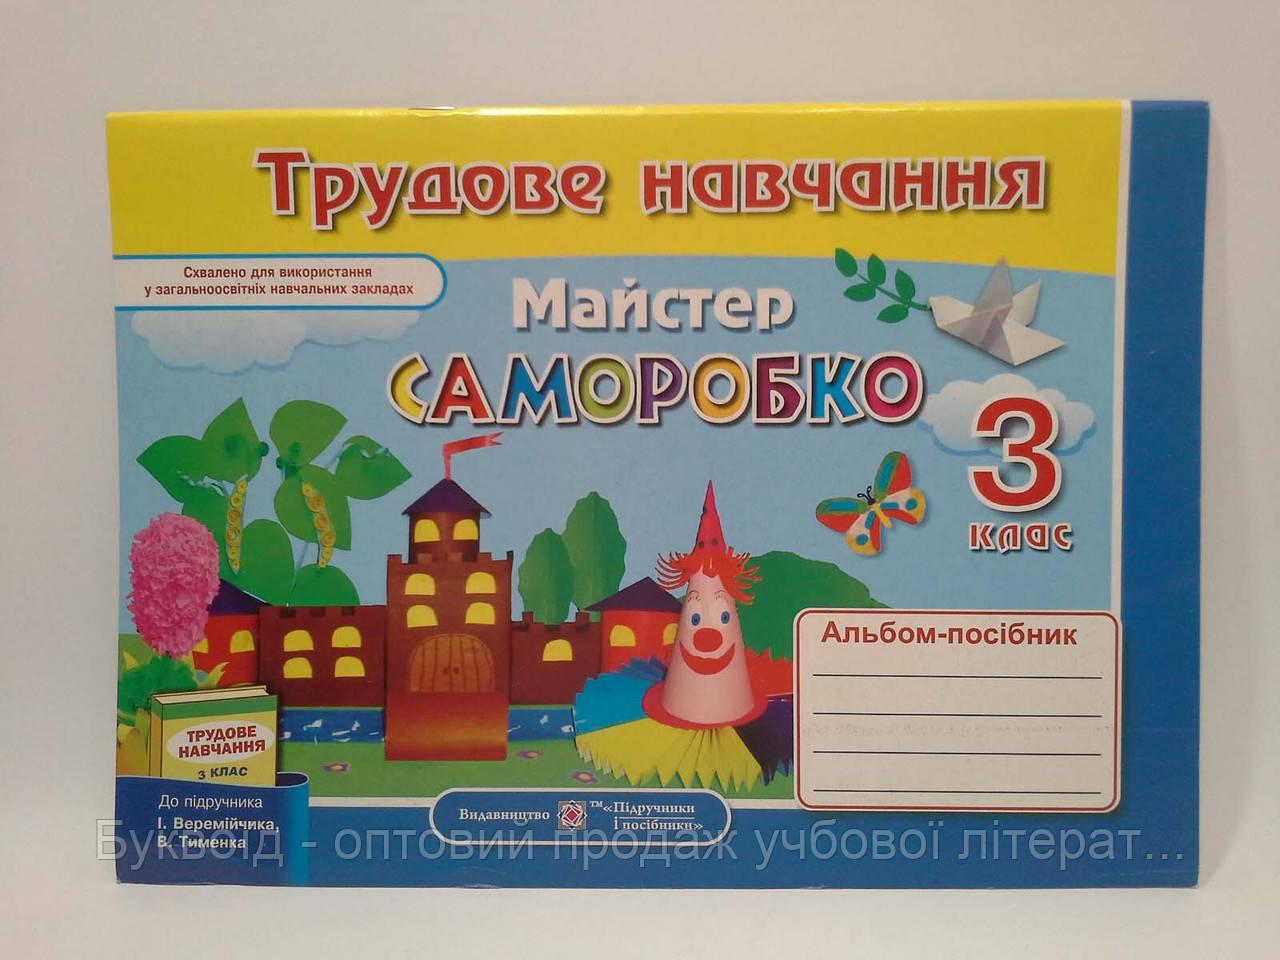 3 клас Робочий зошит Трудове навчання 3 клас до Тименко Майстер саморобко Бровченко